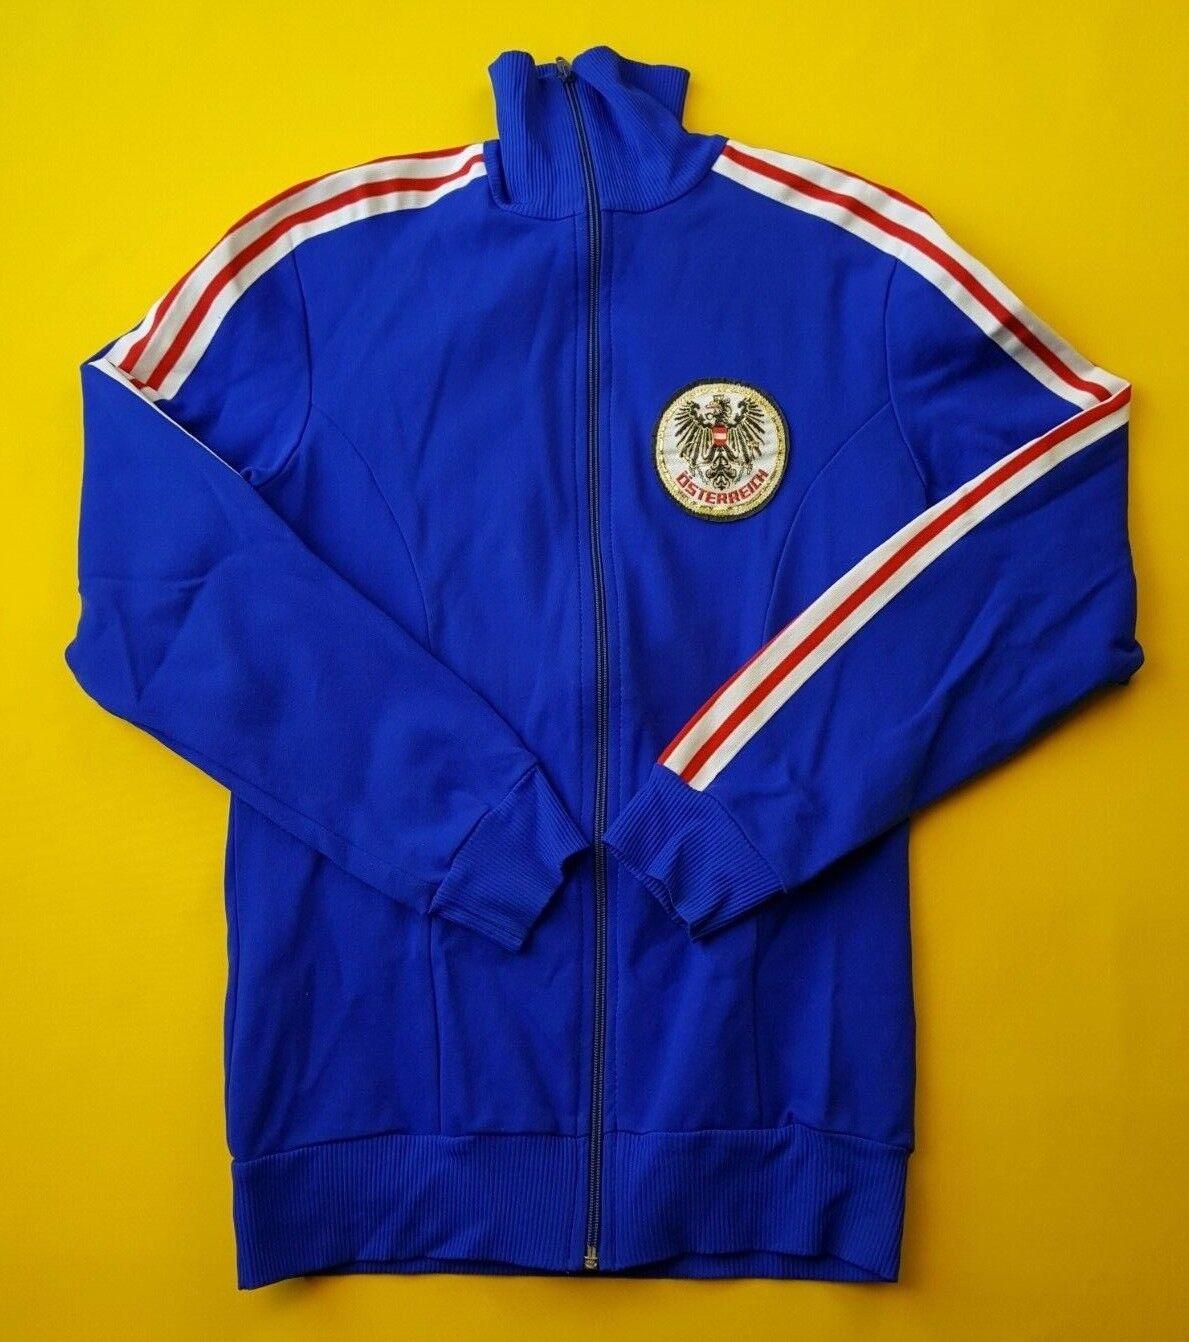 5 5 Austria 80`s Vintage Retro Chaqueta Tamaño mediano Adidas Fútbol Fútbol ig93